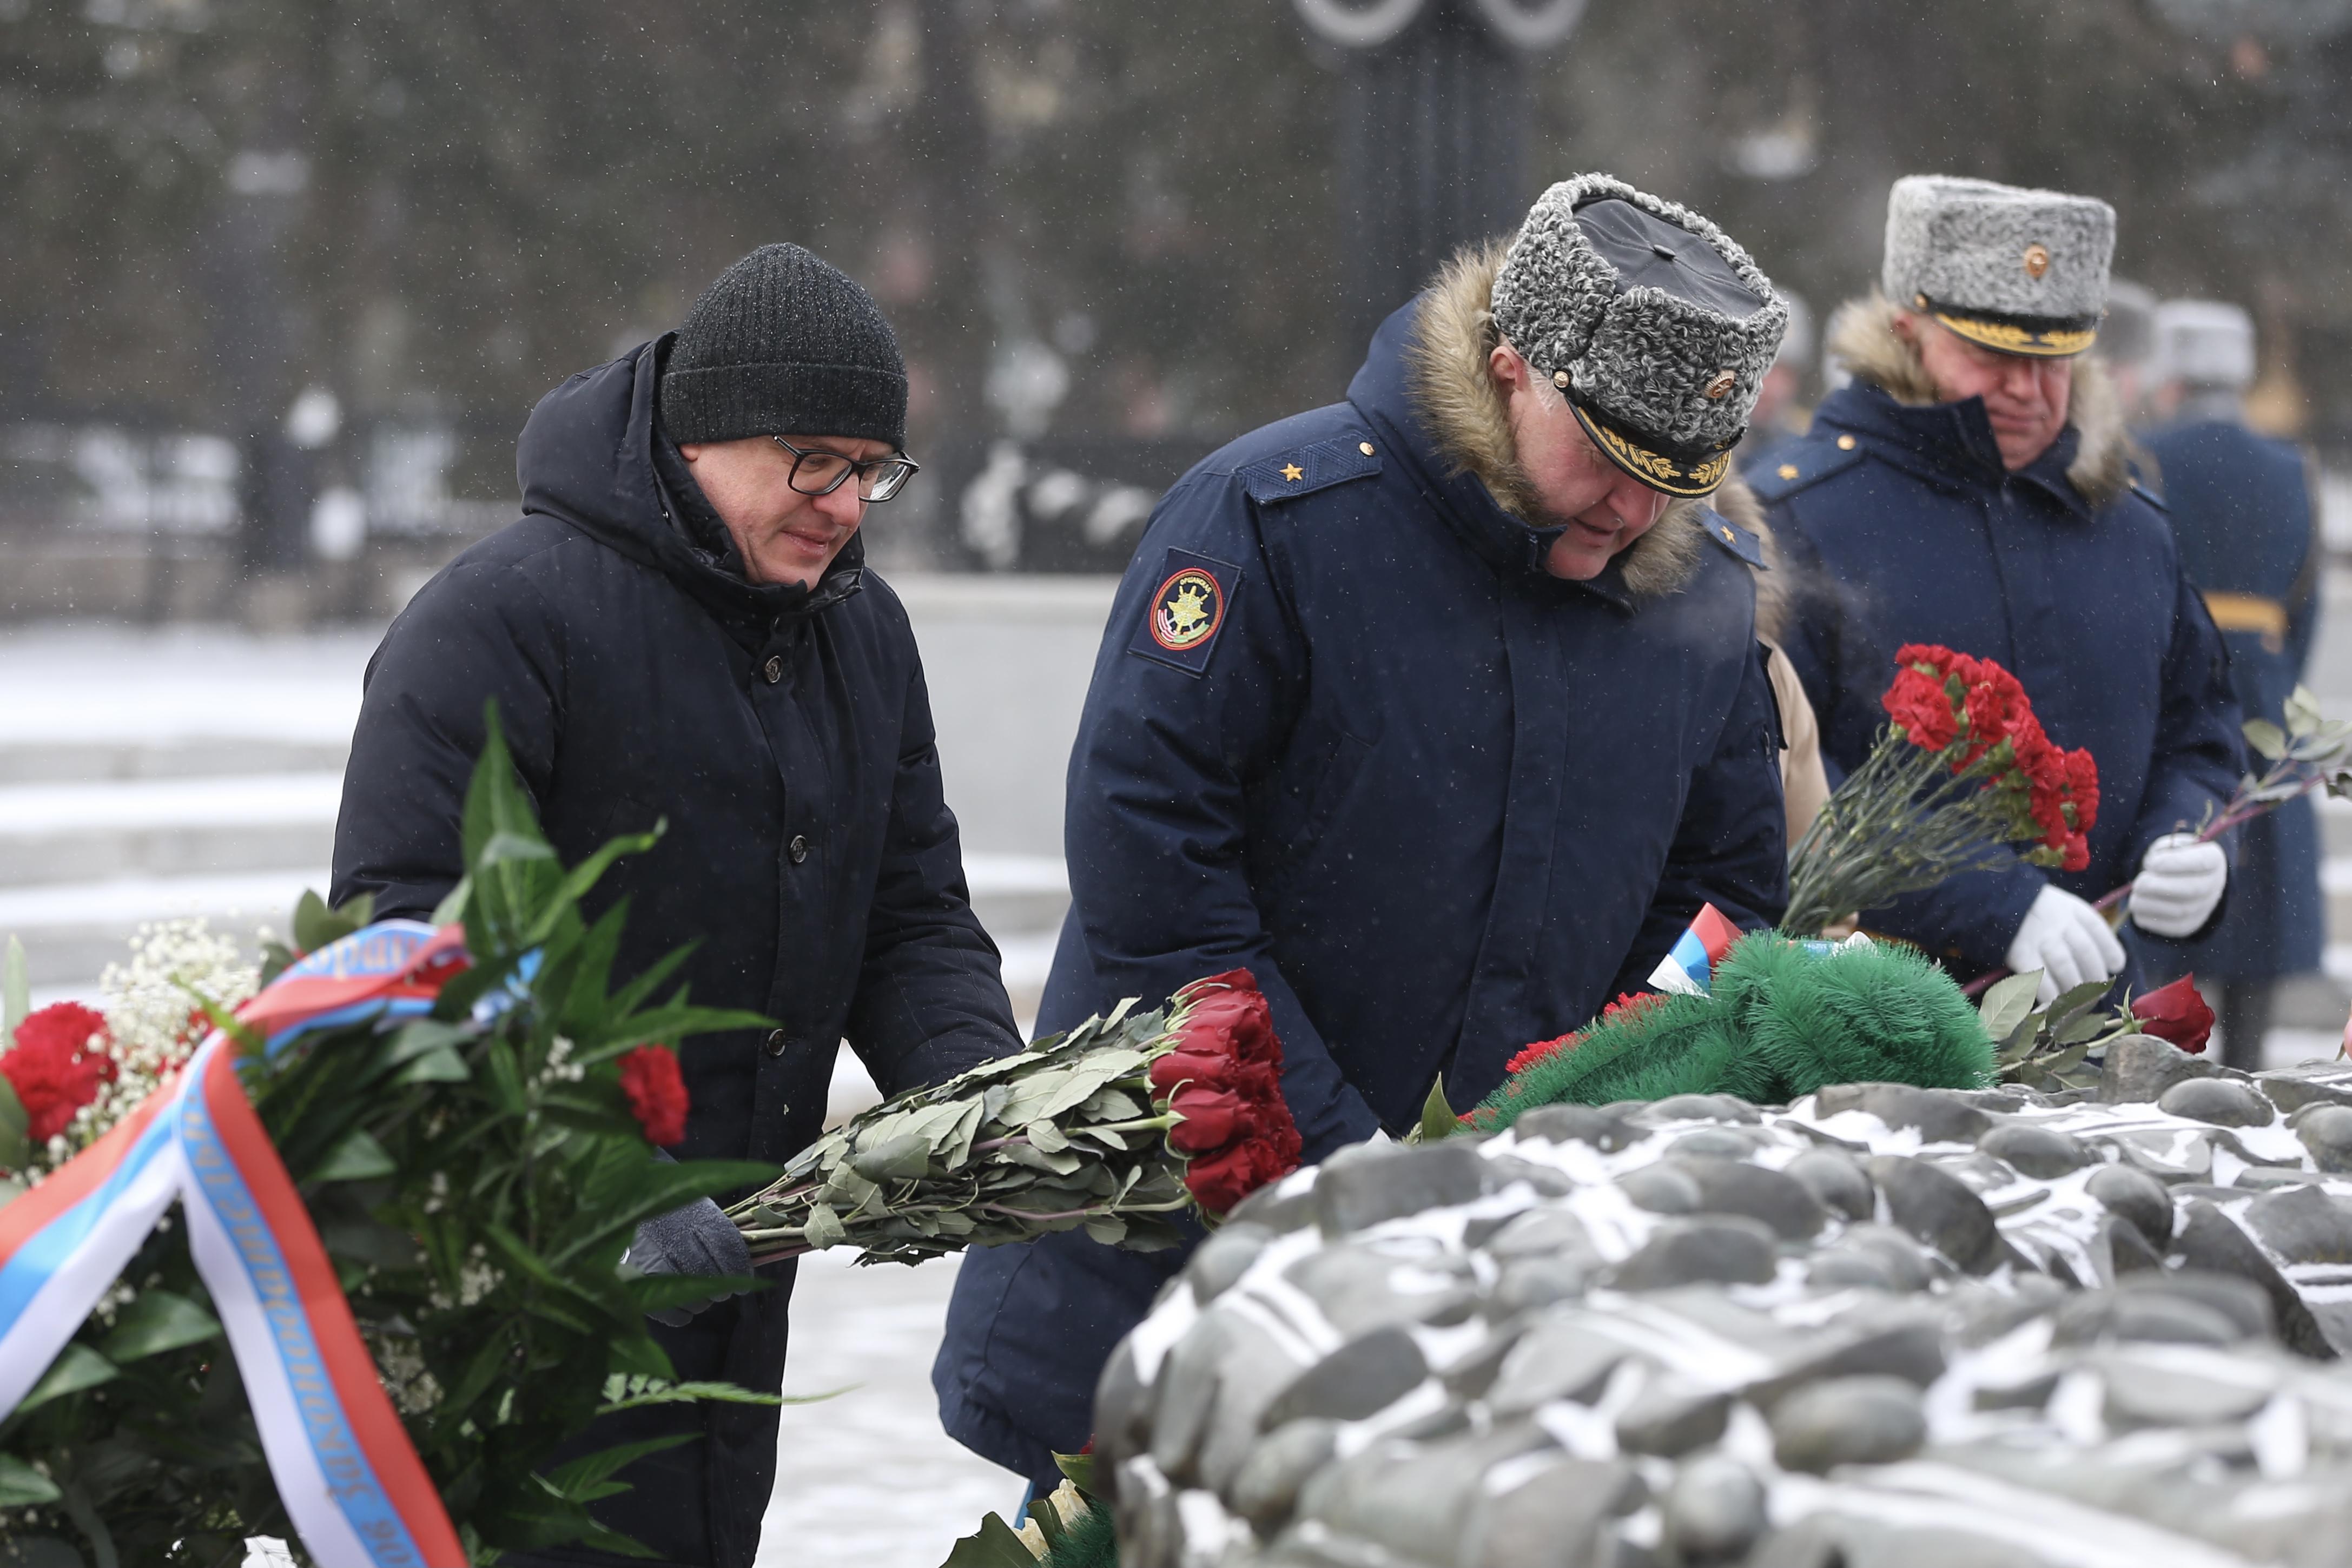 Праздник при штормовом ветре: как отметили 23 февраля в Челябинской области